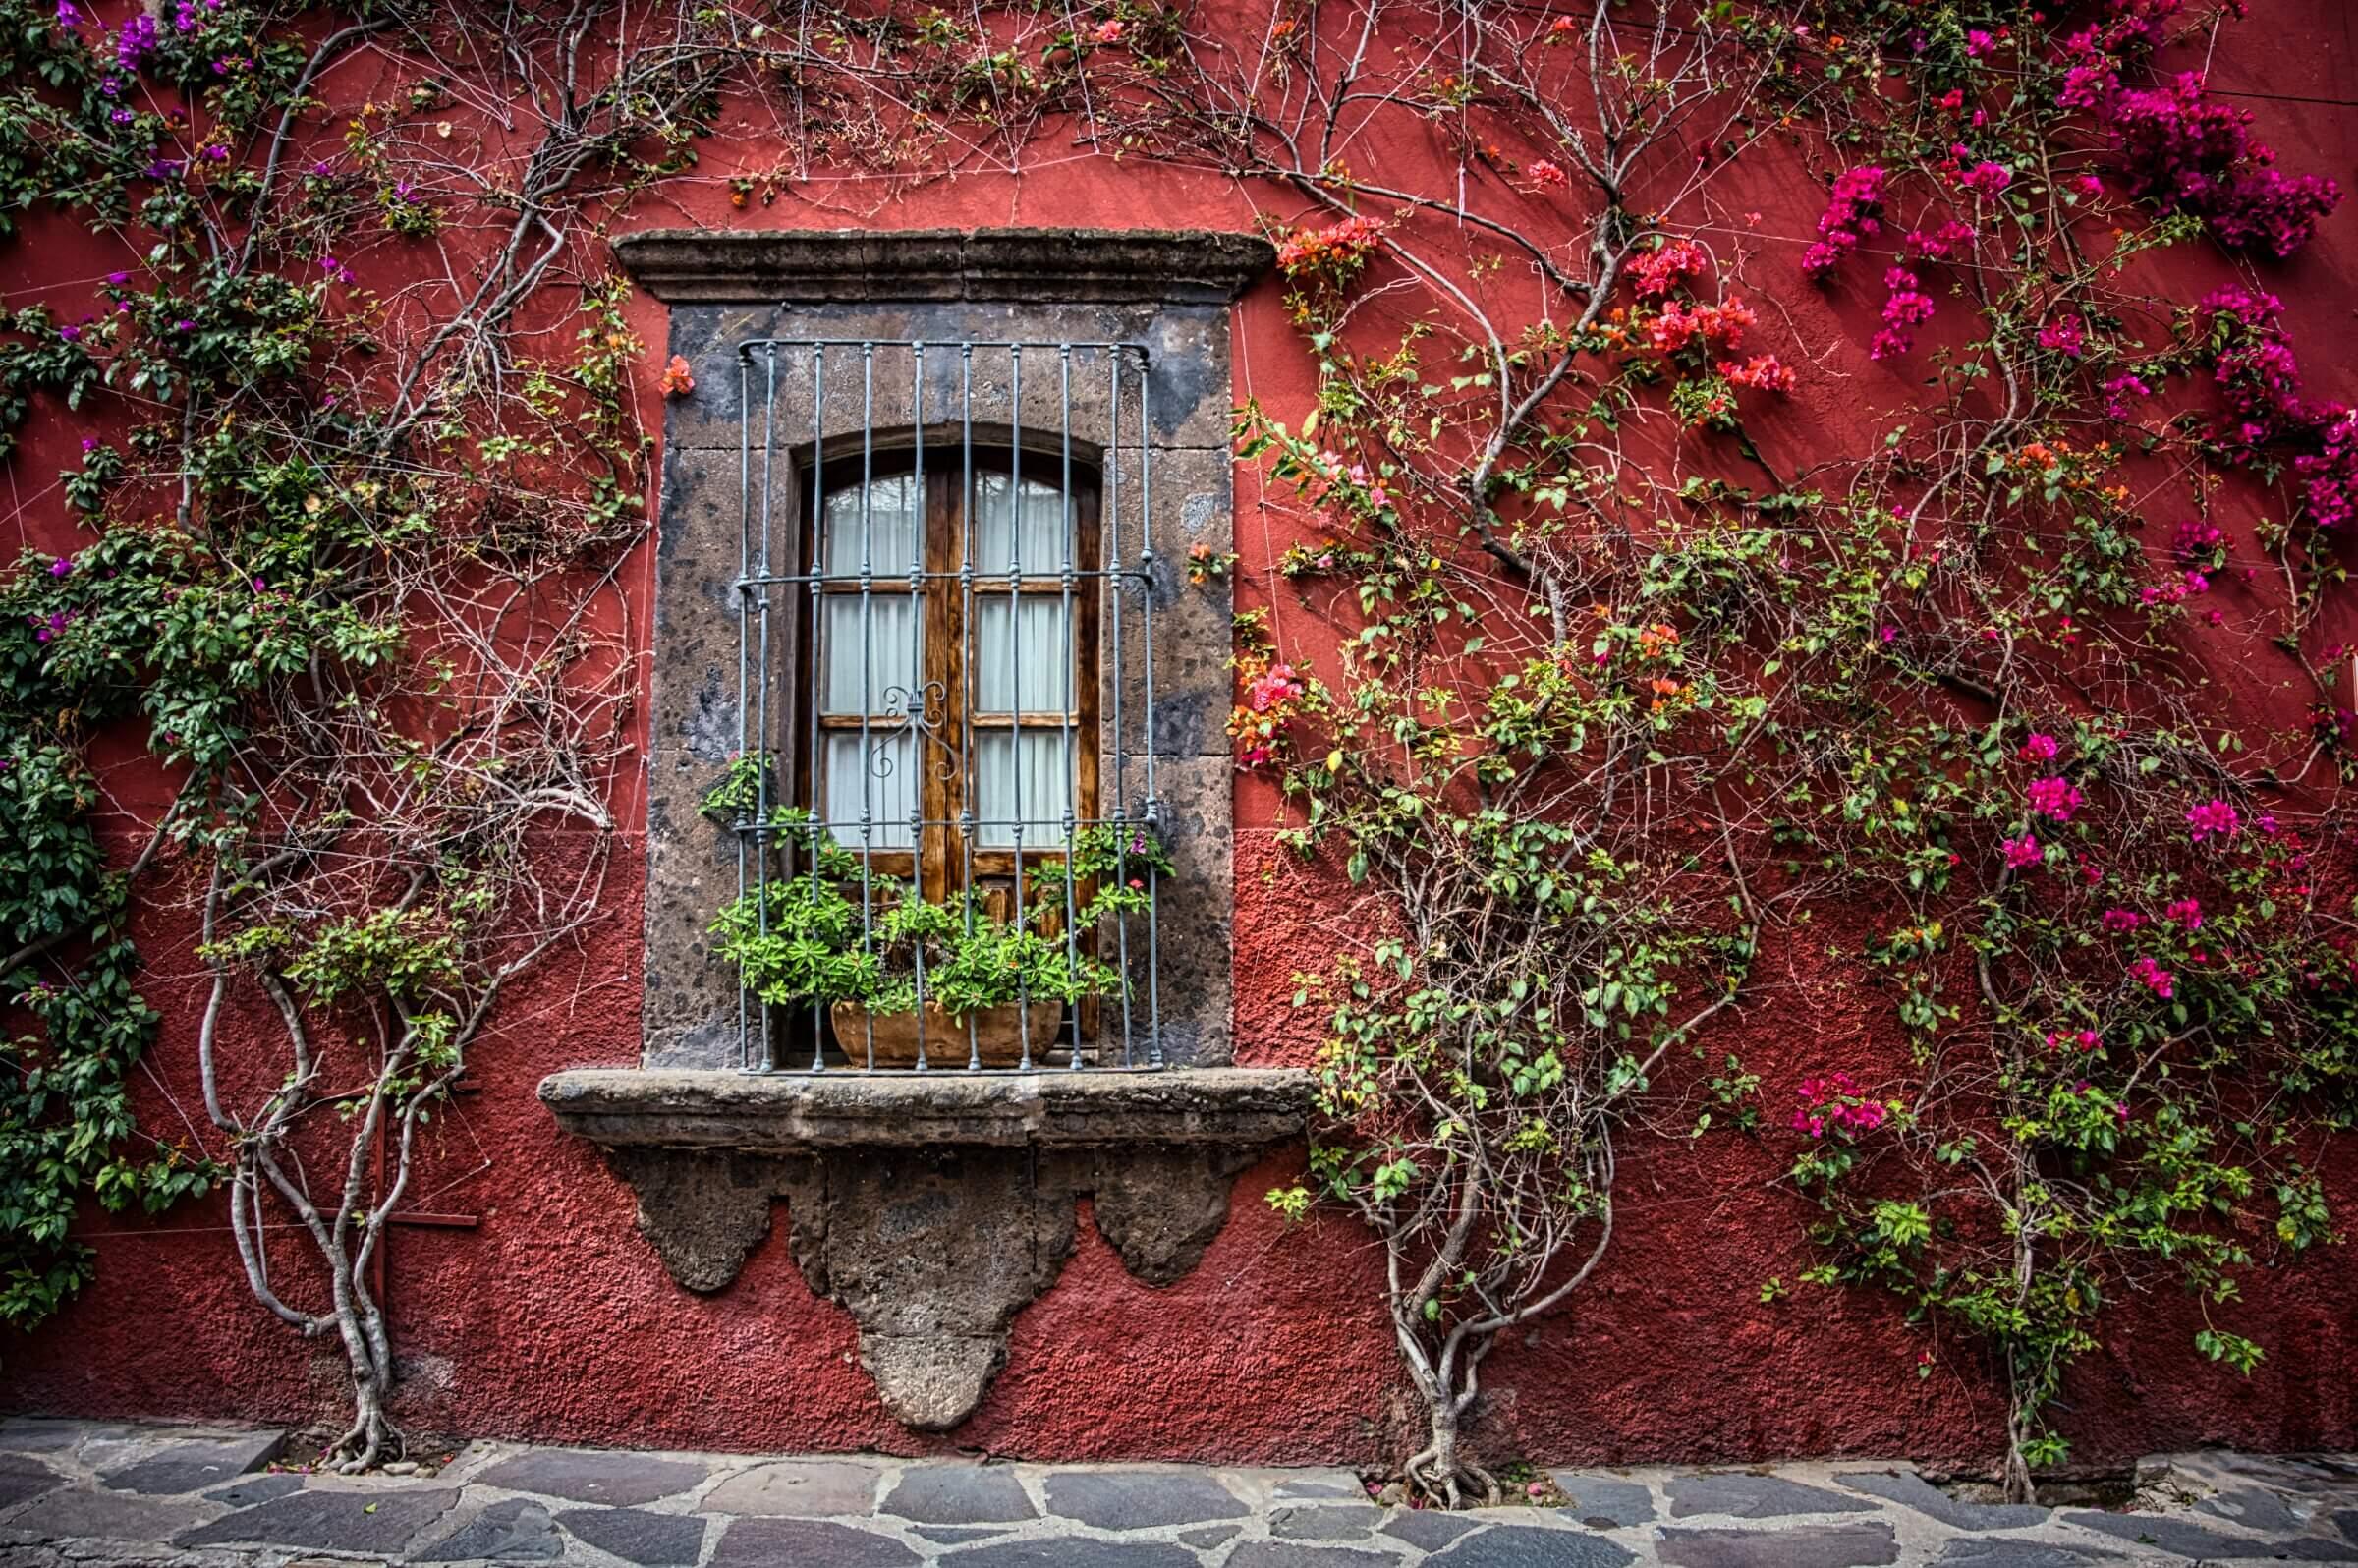 san miguel de allende window with multicolor bougainvillea